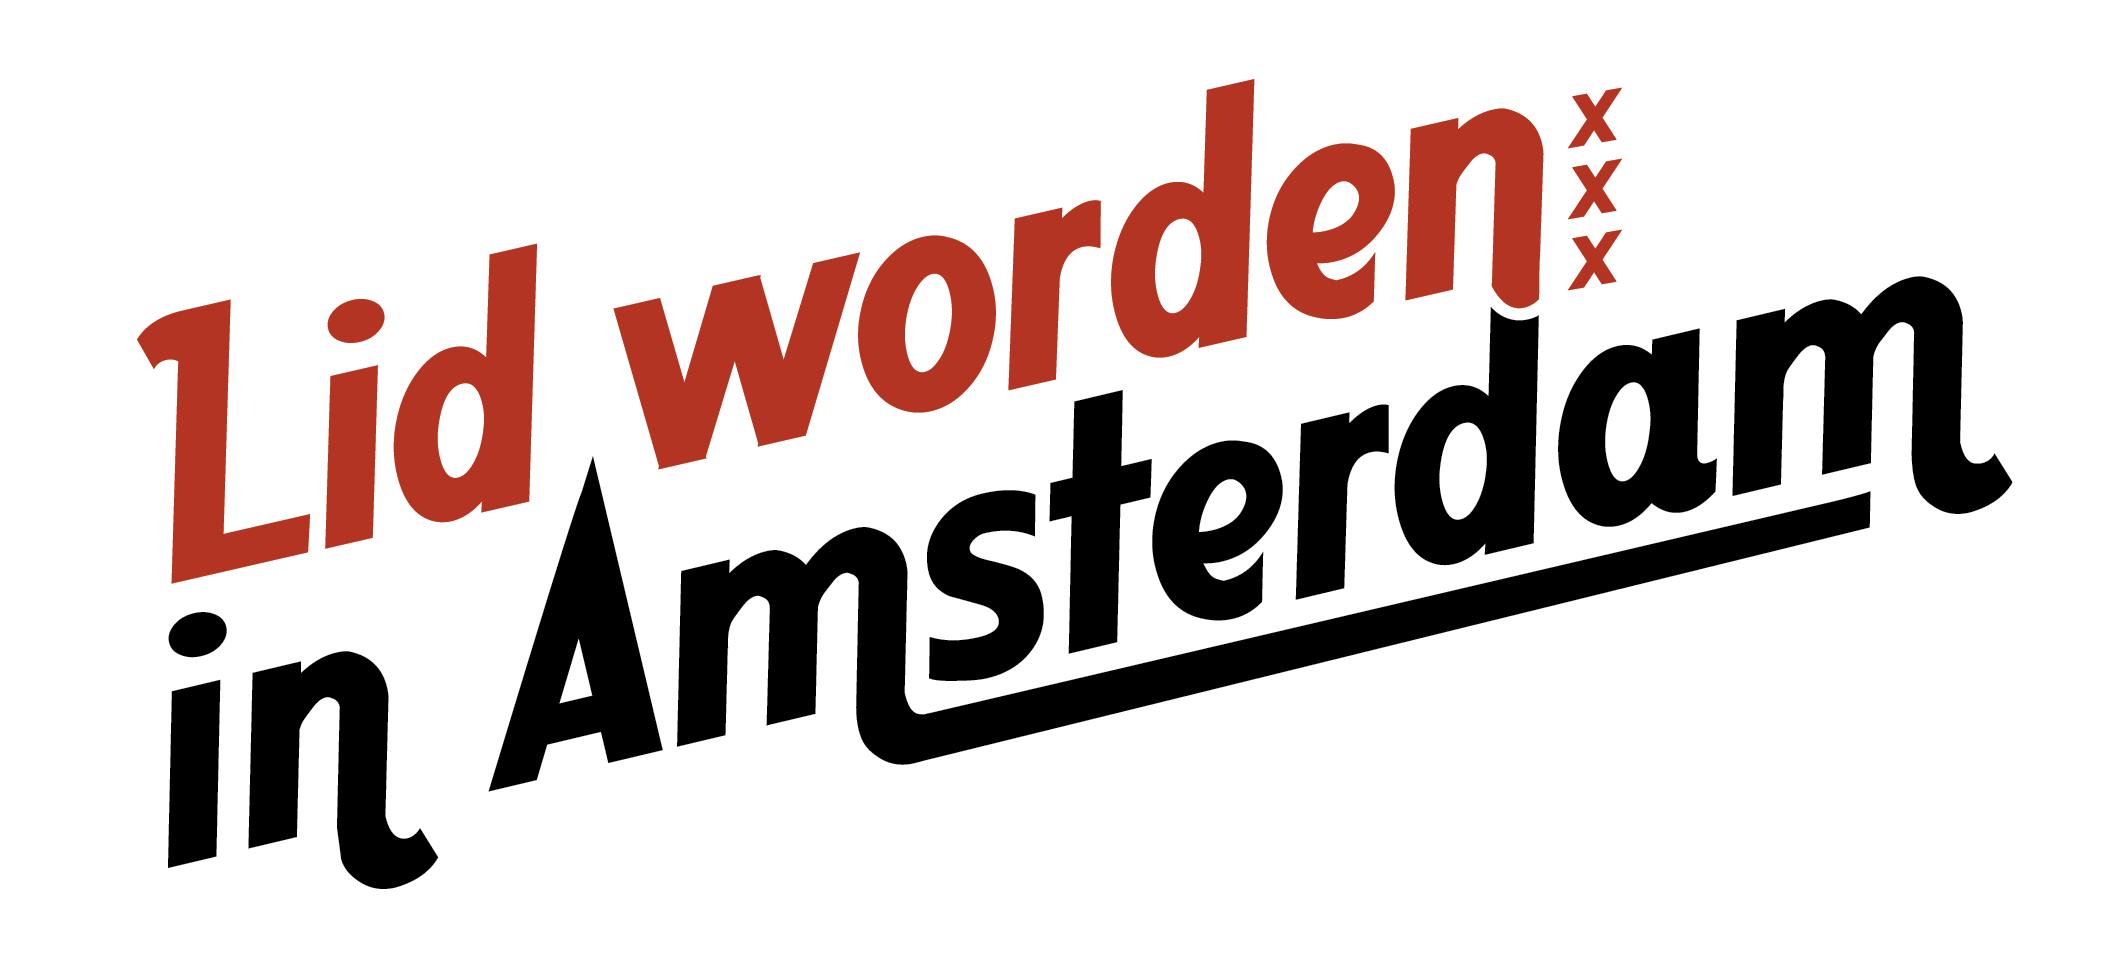 Lid Worden In Amsterdam logo